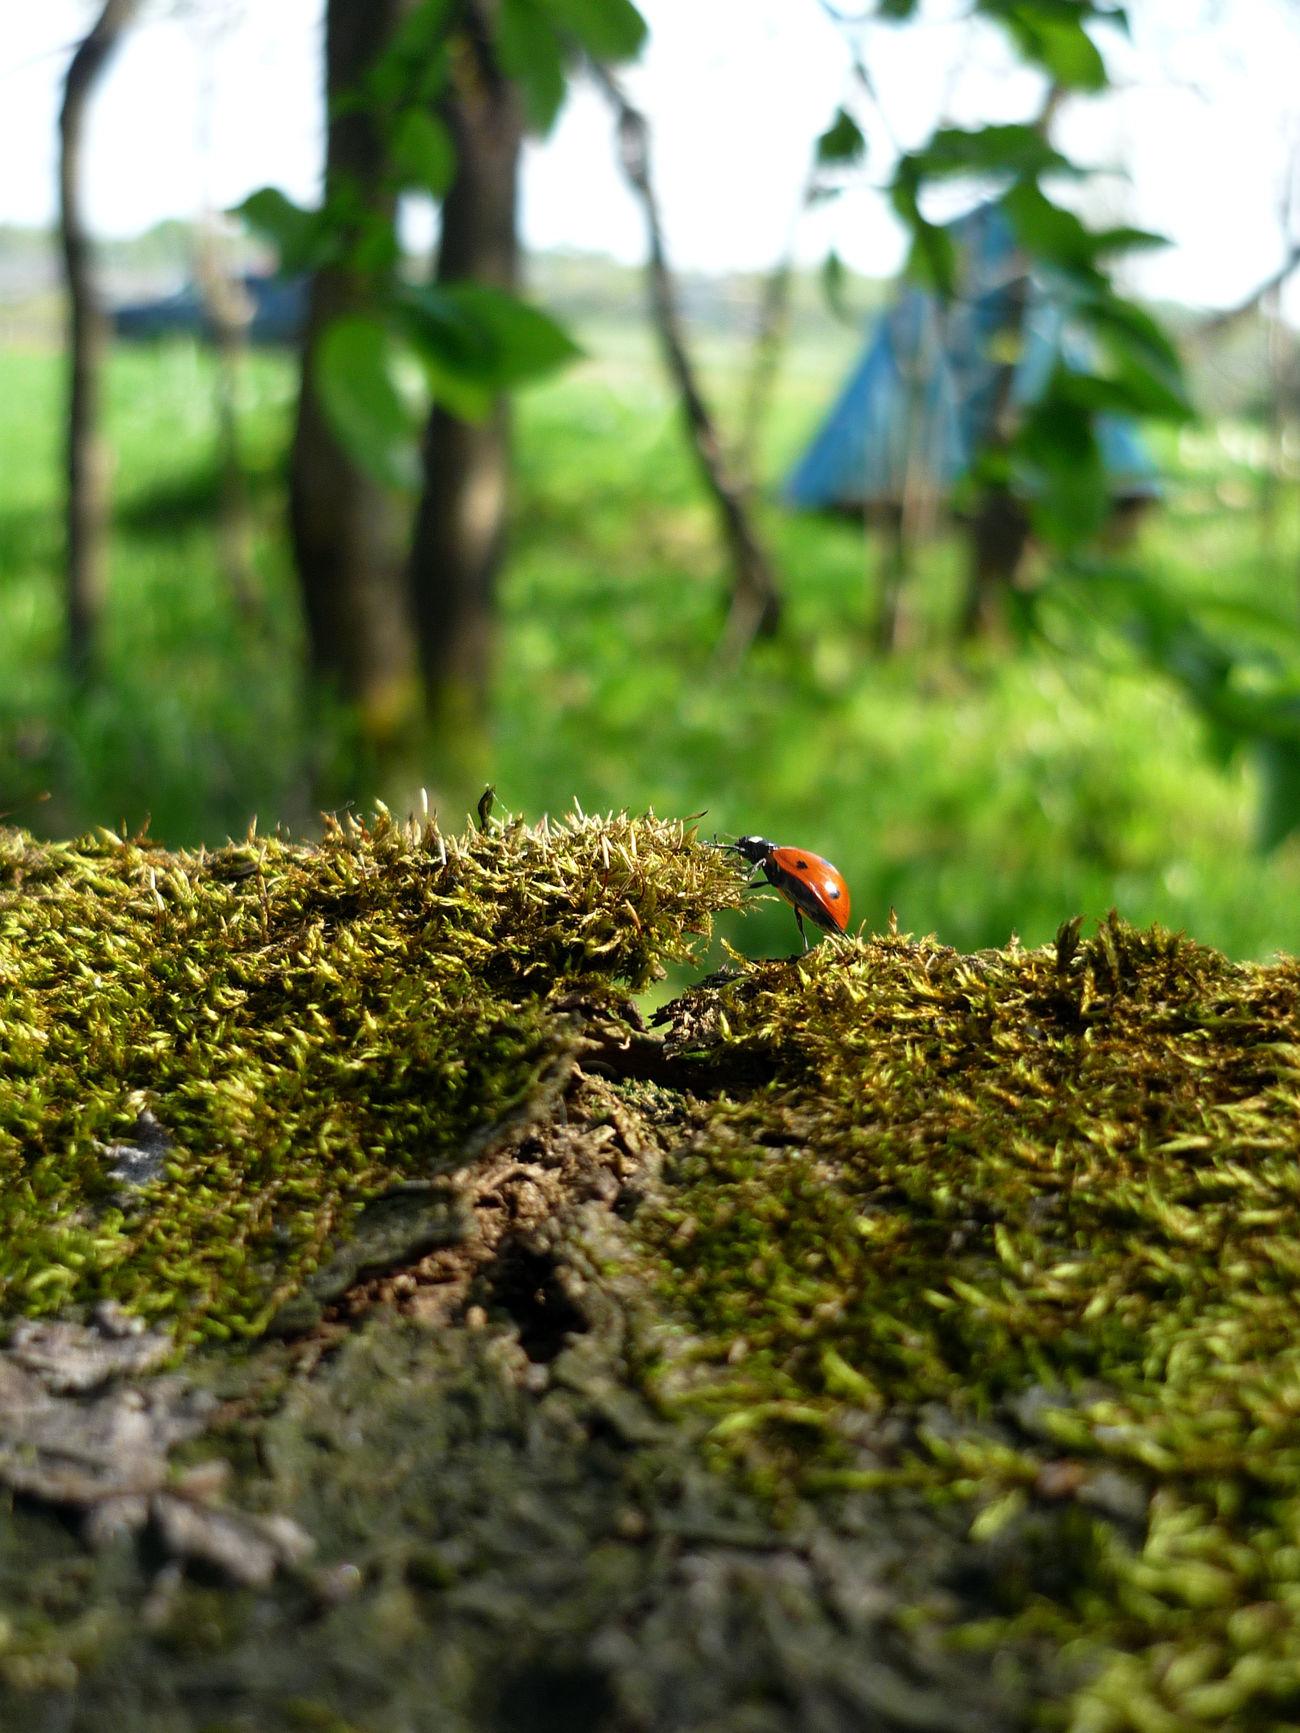 Сила божьякоровка Воля зелень  Лес лето насекомое Природа сила